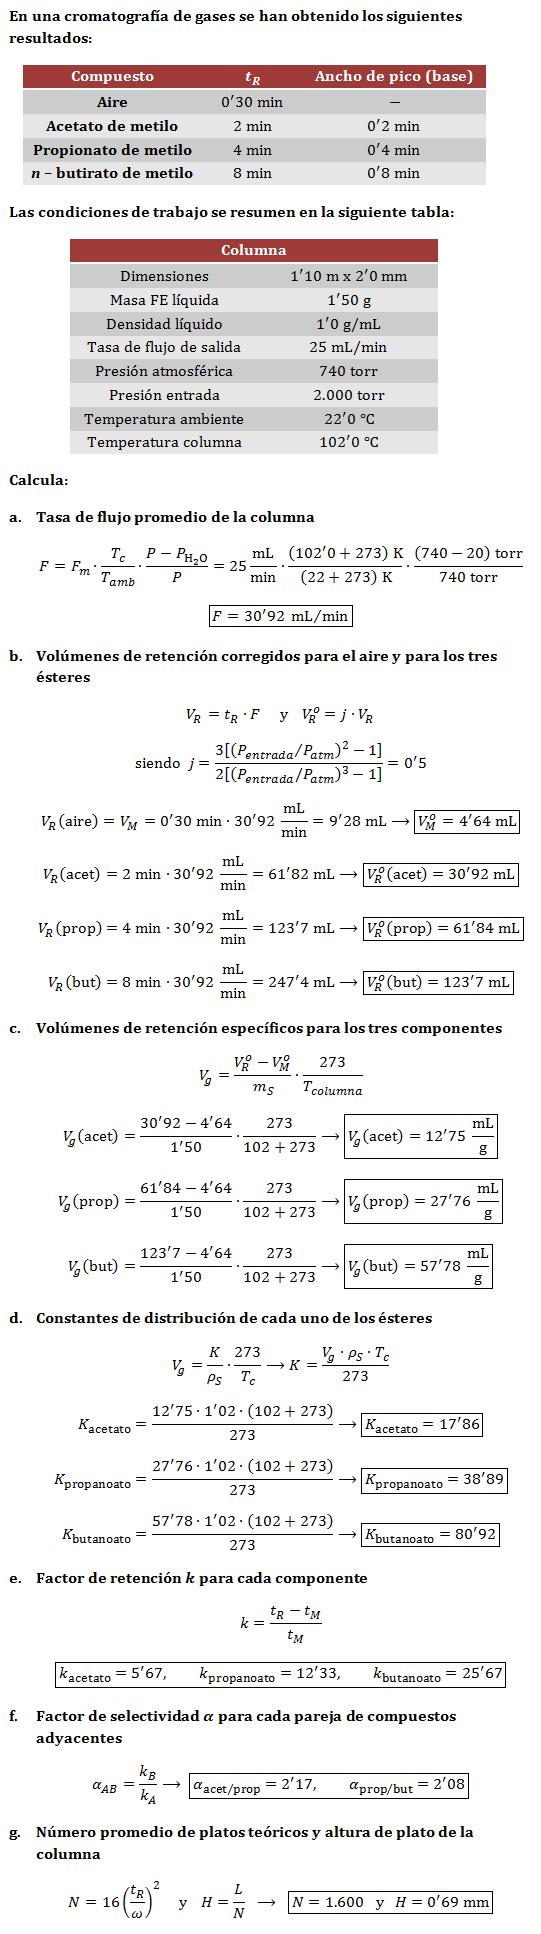 Ejercicio-Cromatografia-gases-01